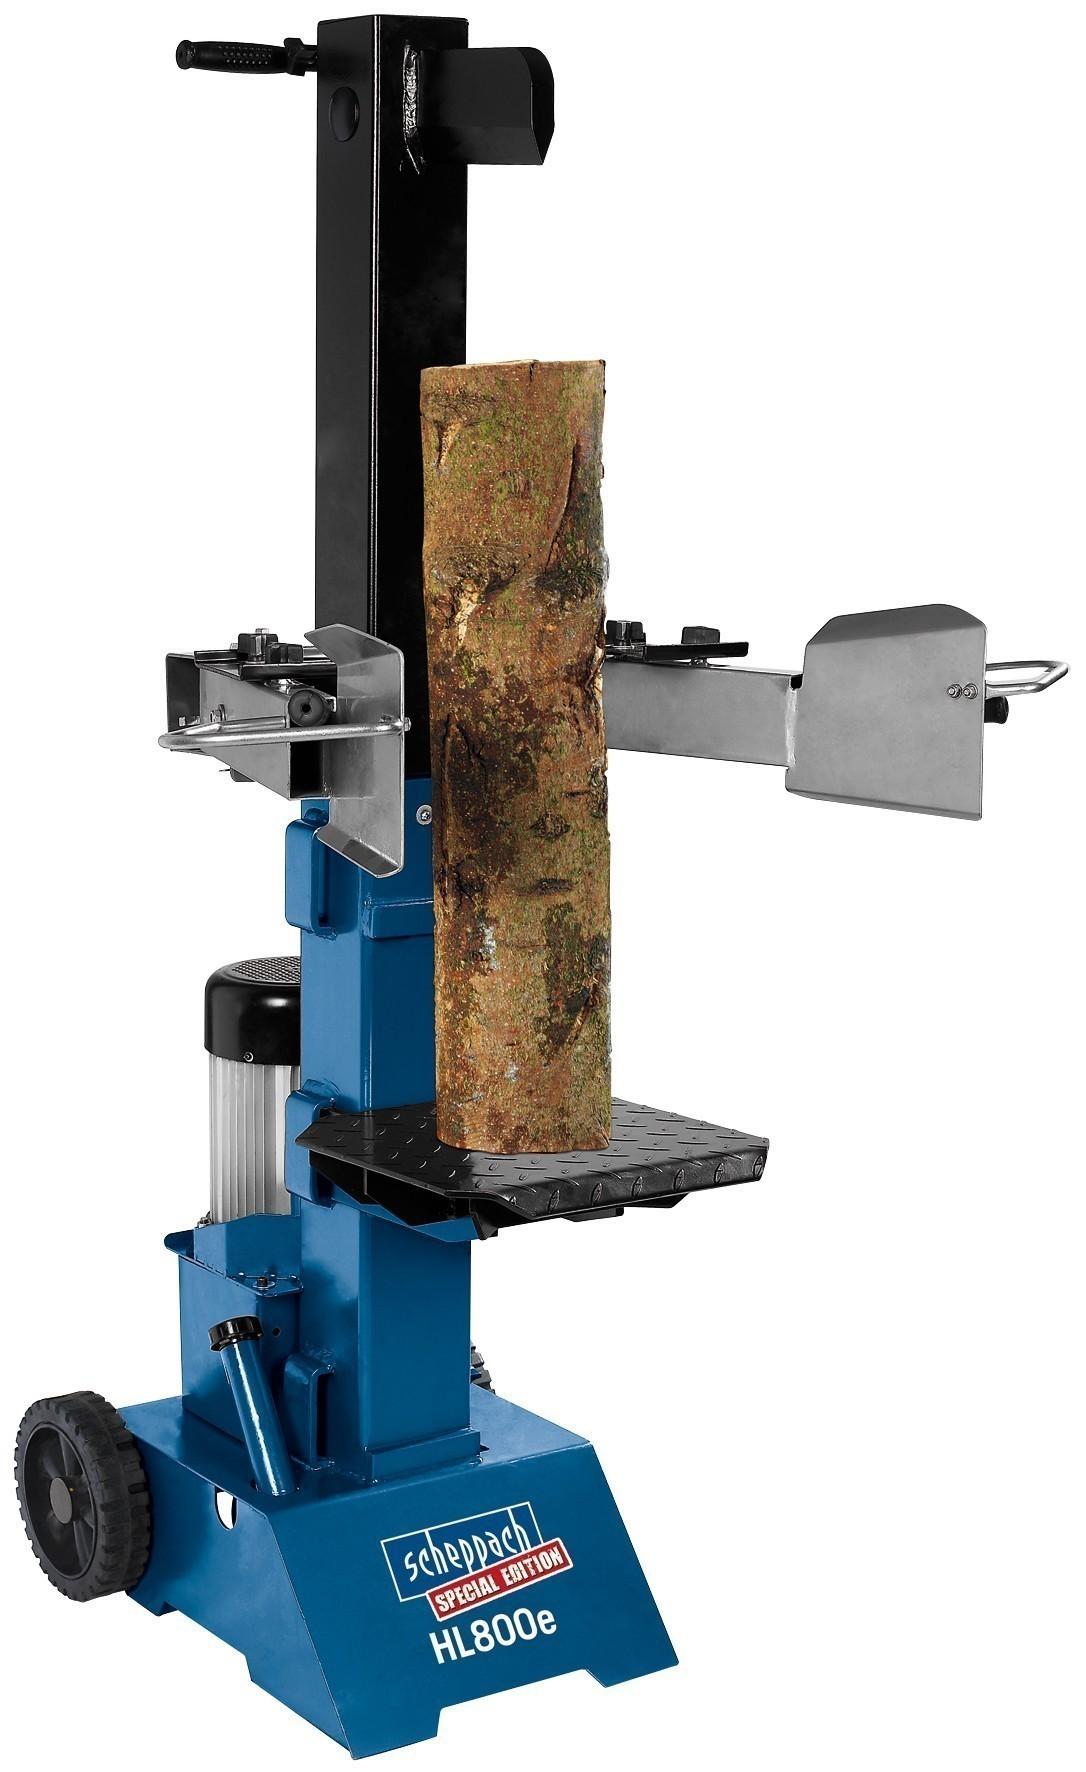 holzspalter hydraulikspalter scheppach hl800e 8t 3,3kw - bei